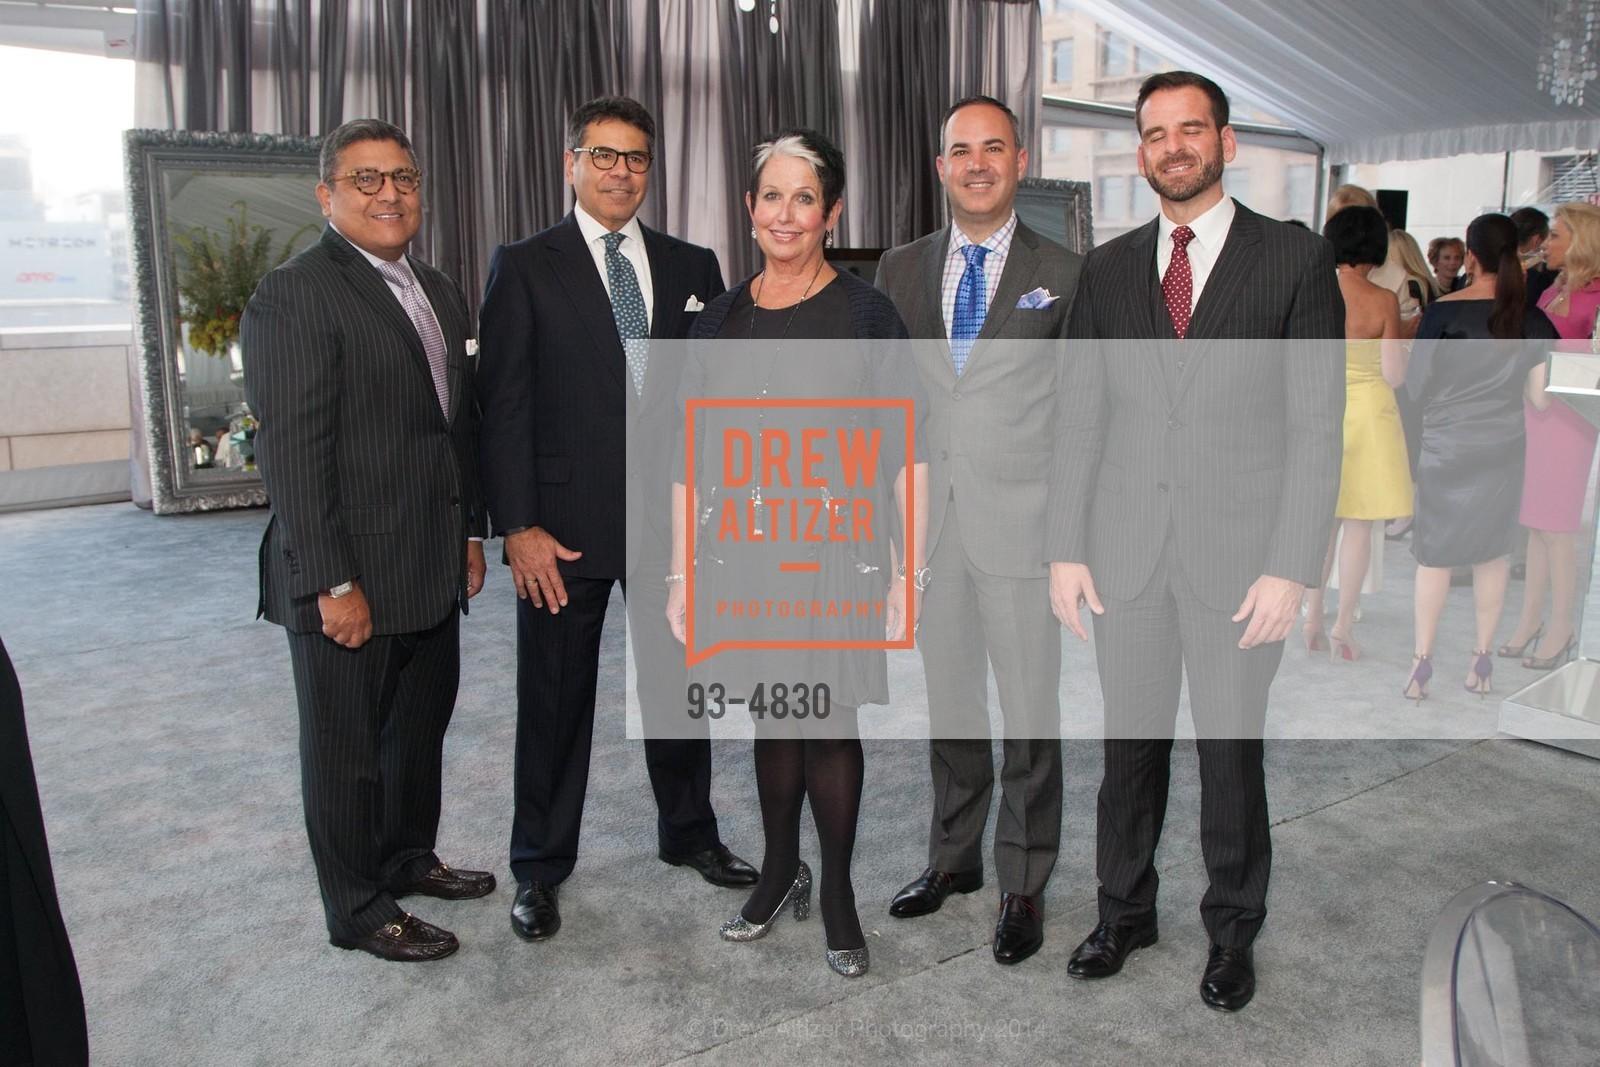 Riccardo Benavides, Gary Garabedian, Karen Kubin, Robert Arnold-Kraft, Ryan Williams, Photo #93-4830